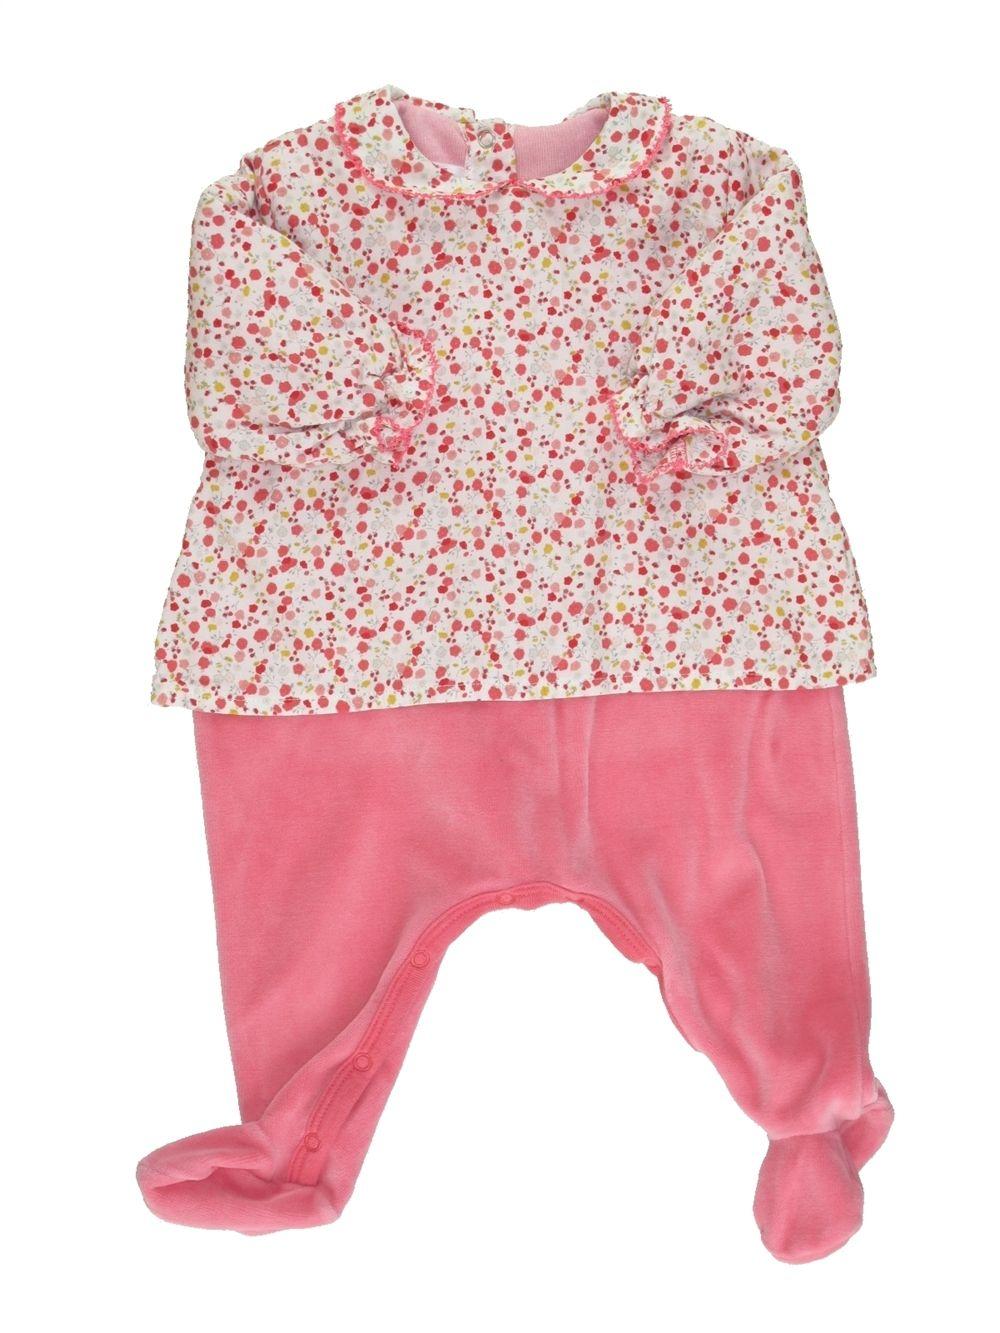 6798642bc6578 Pyjama 1 pièce Fille PETIT BATEAU 3 mois pas cher